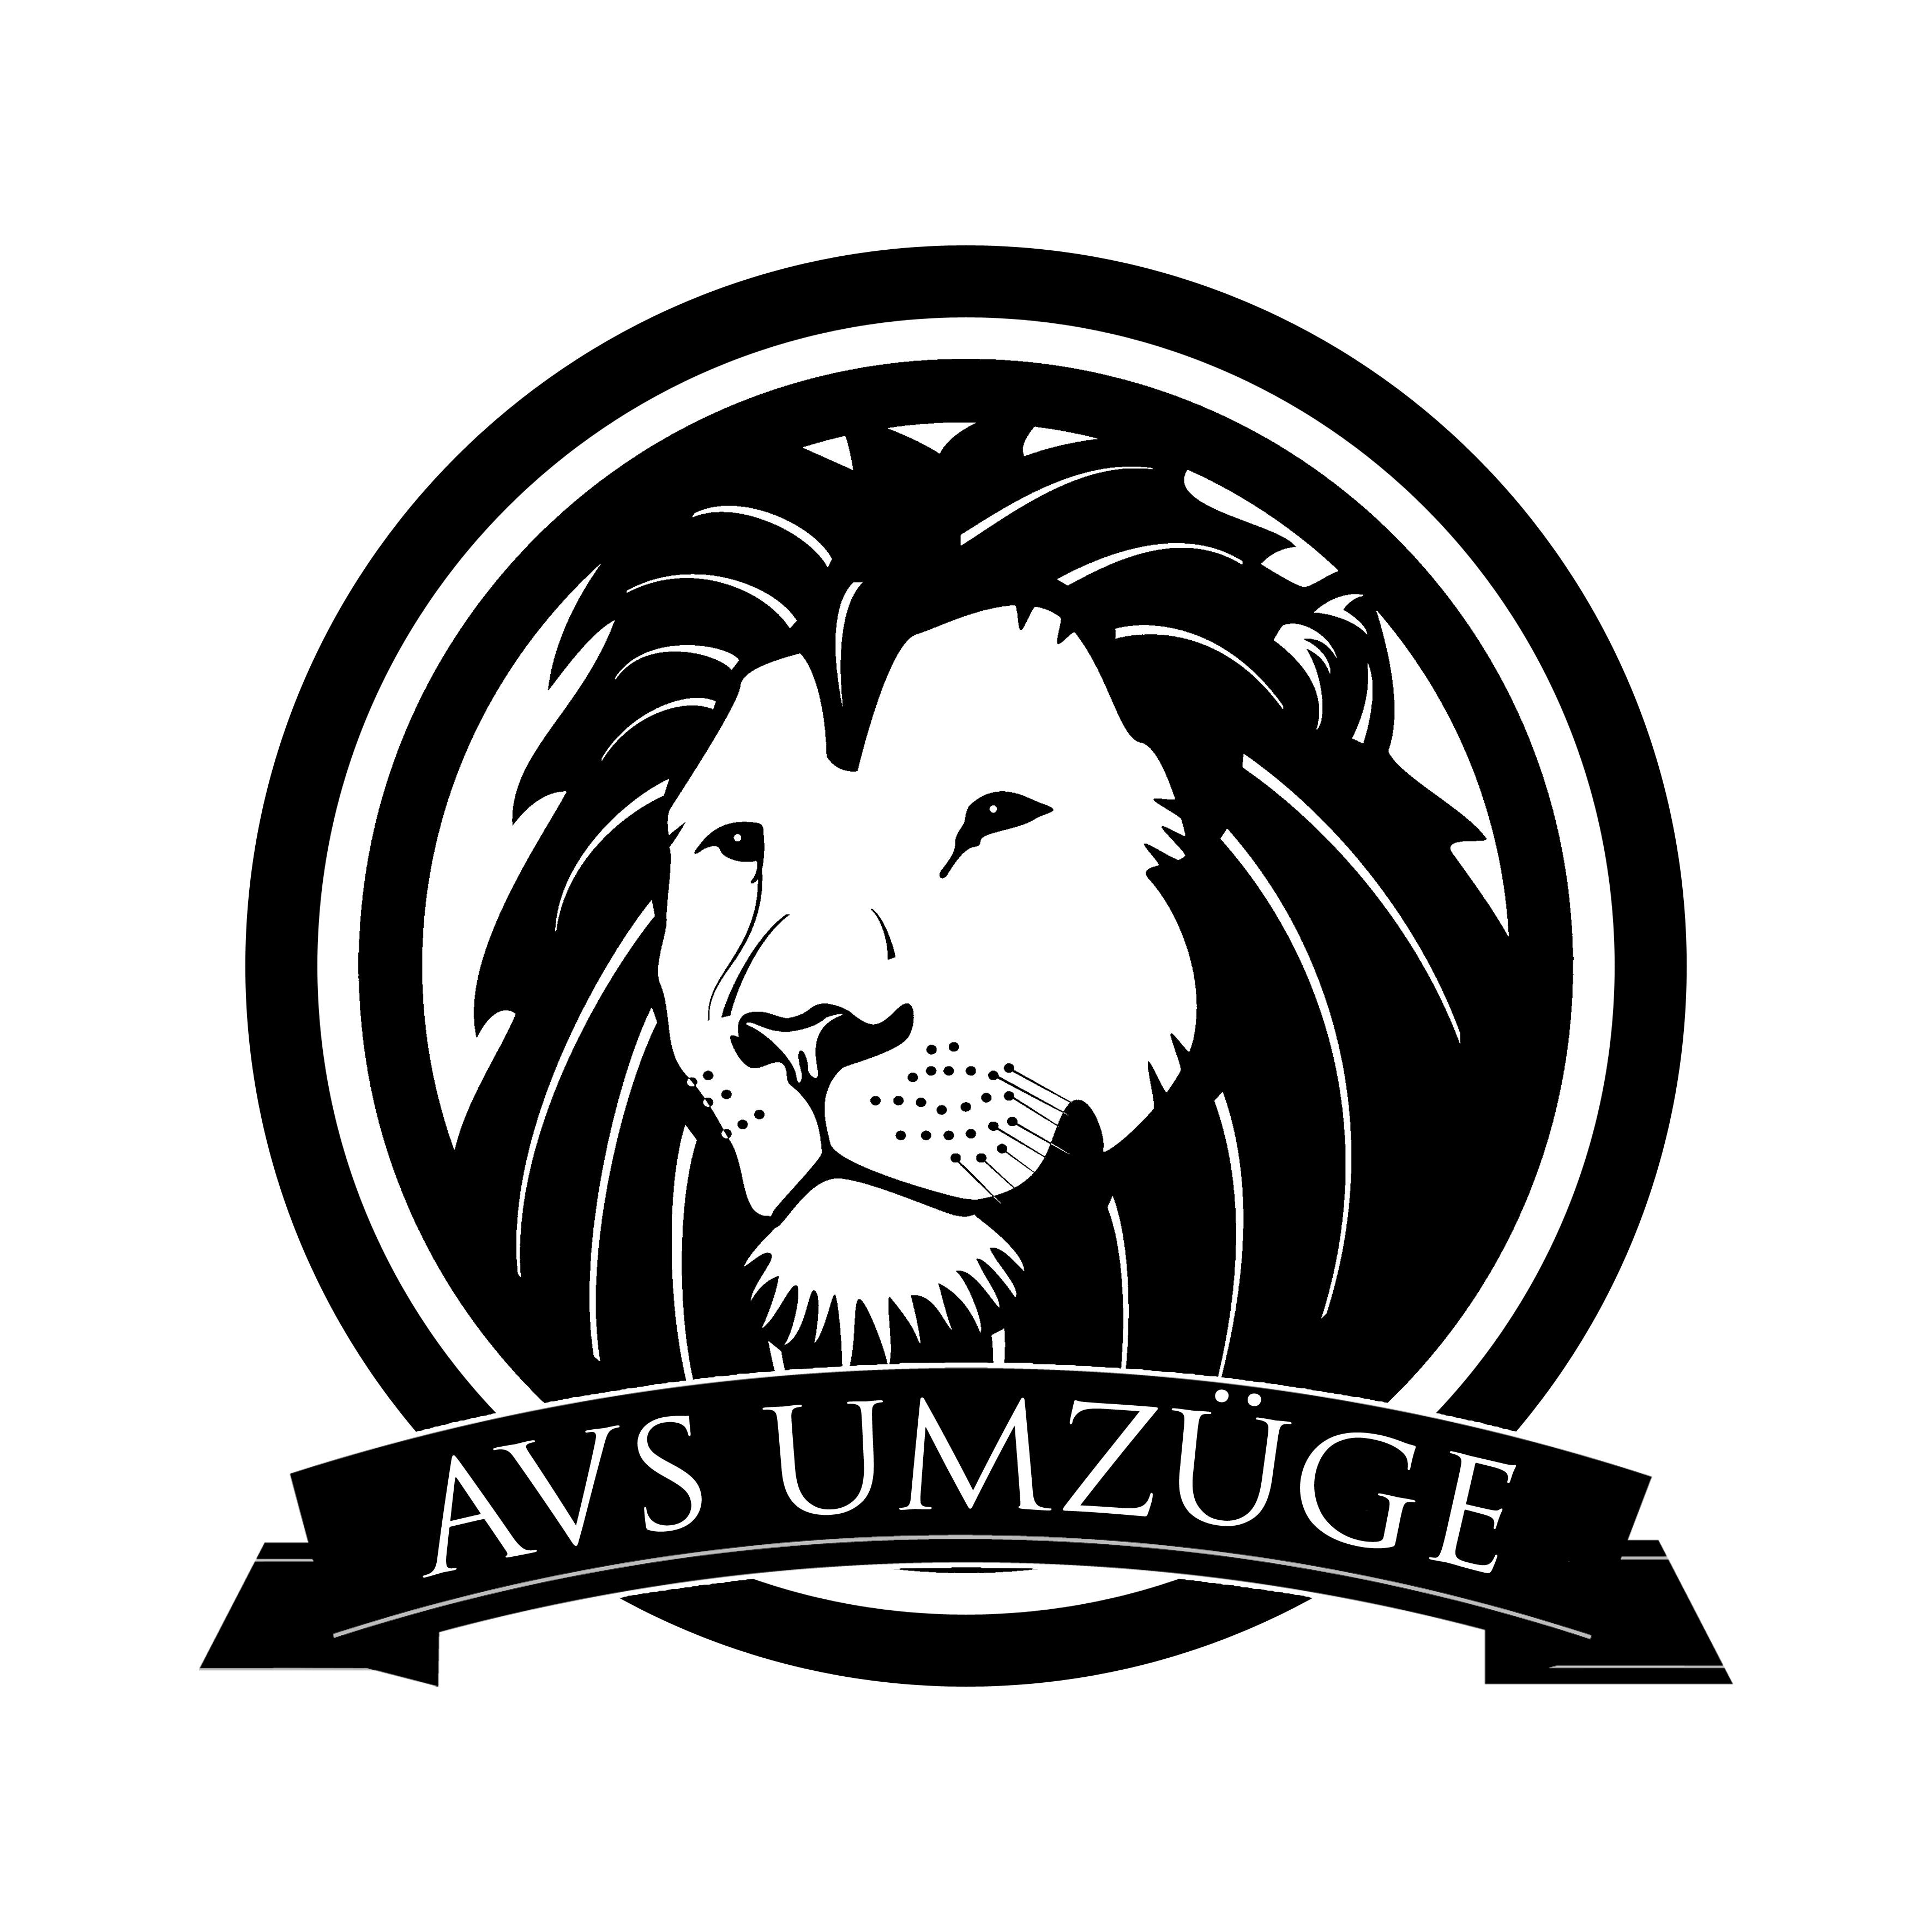 AVS Umzüge